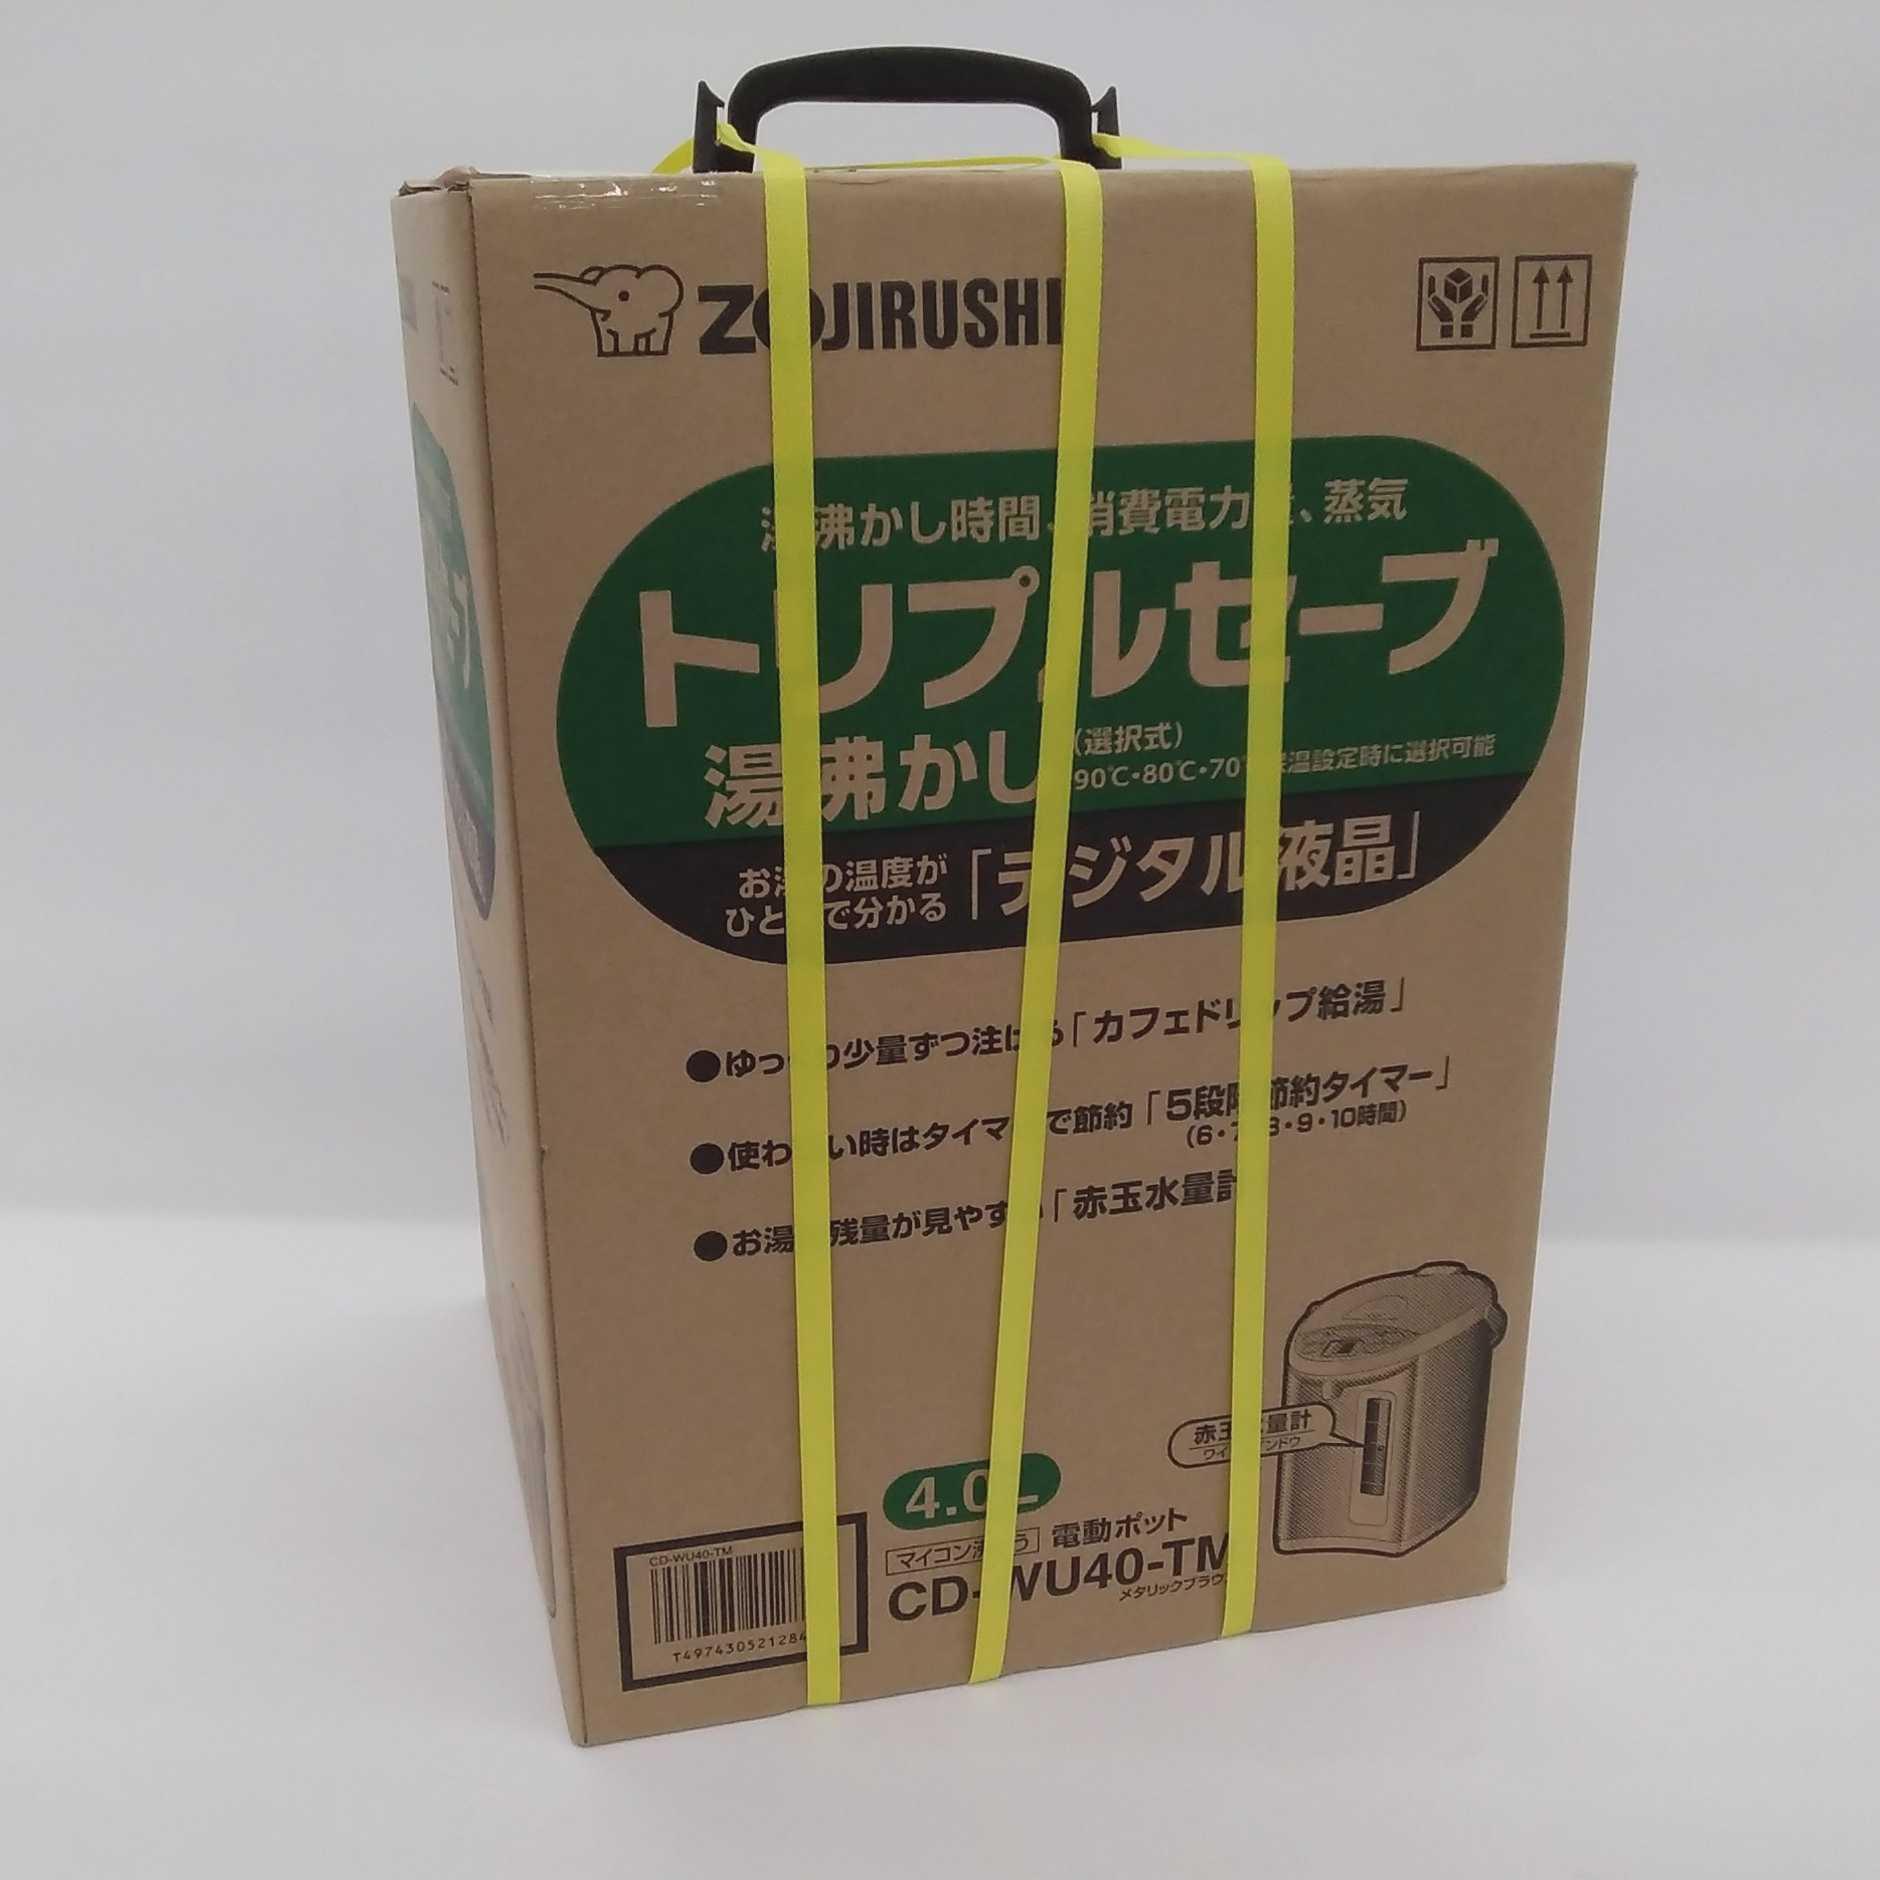 未使用品☆ゾウジルシ 電動ポット|ZOJIRUSHI